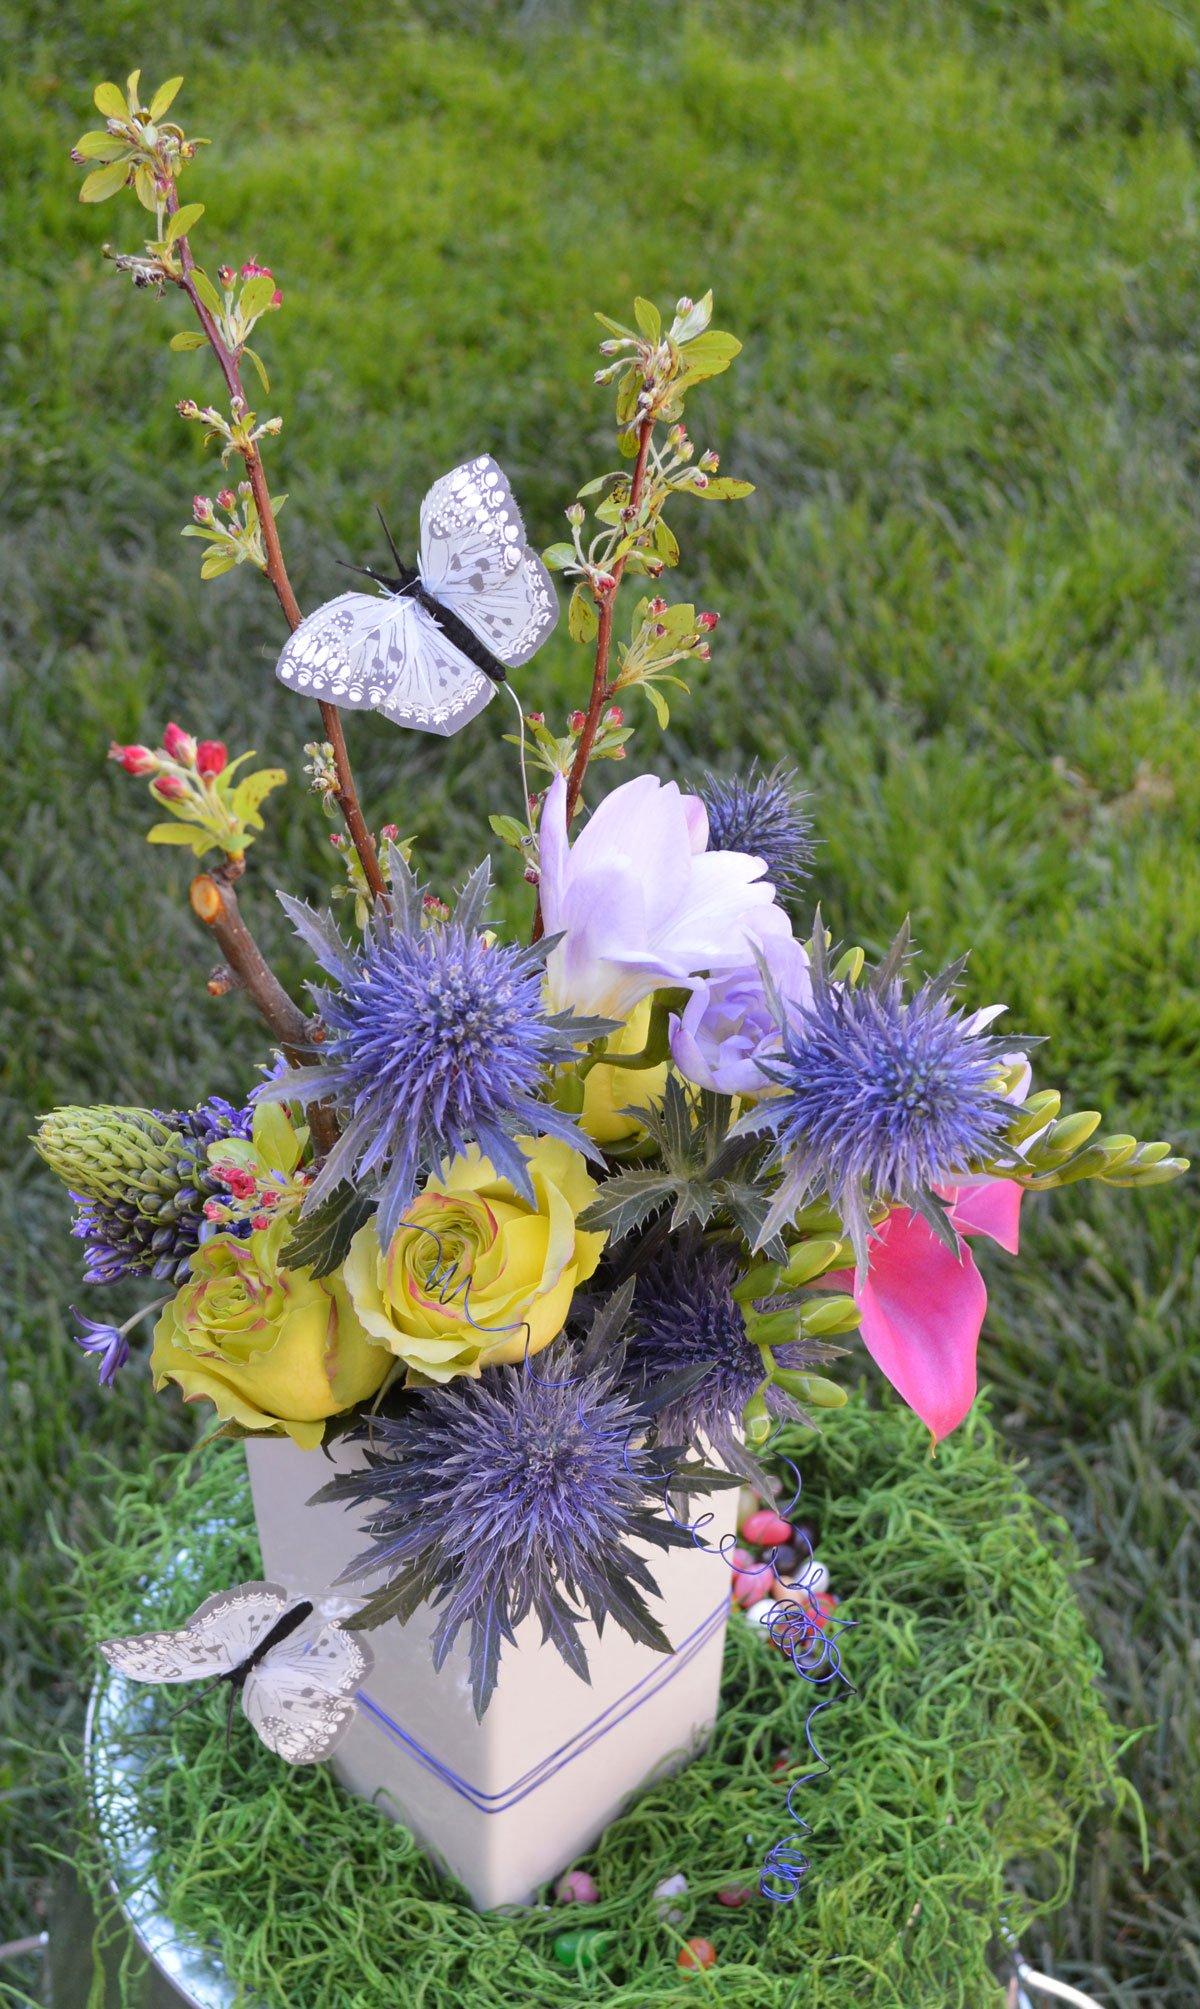 Butterfly Grove Flower Arrangement